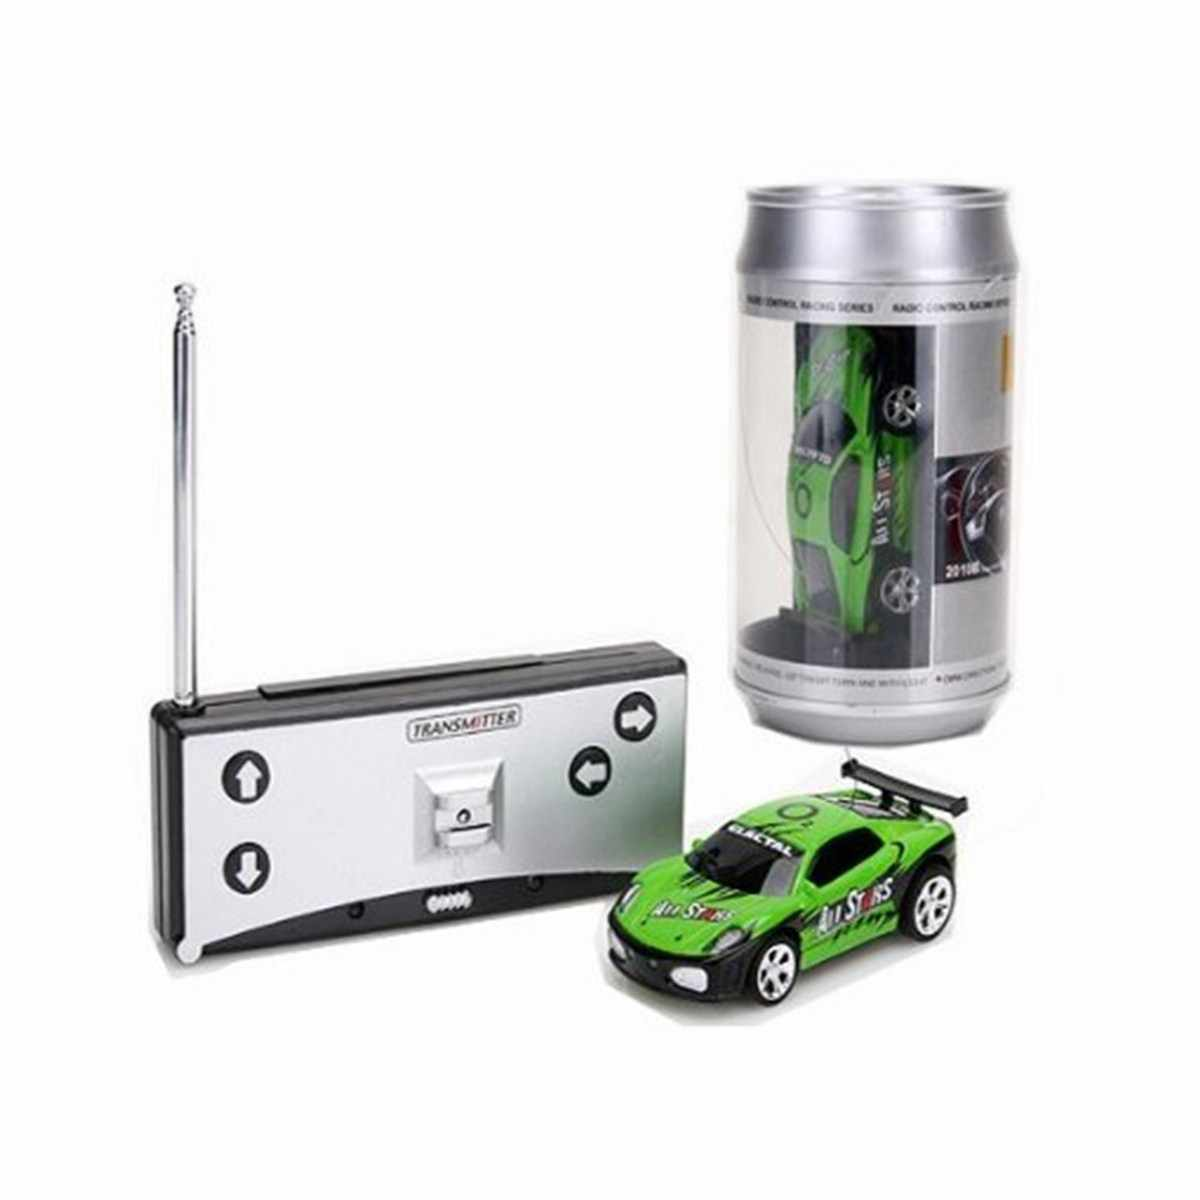 8 renkler sıcak satış 20km/saat kola kutusunda oyuncak araba Mini RC araba radyo uzaktan kumanda mikro araba yarışı 4 frekanslı oyuncak çocuk